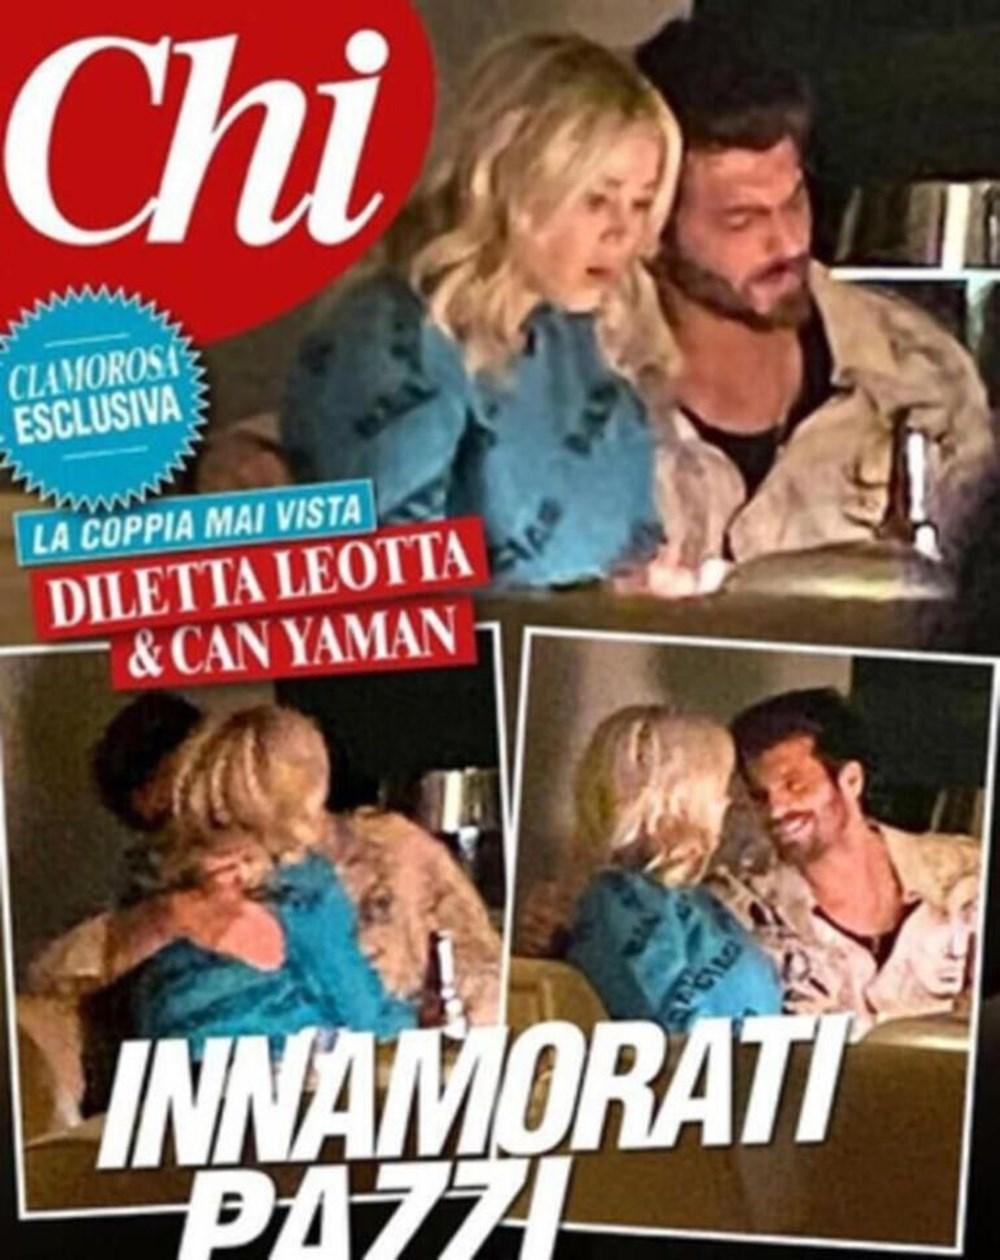 Can Yaman İtalyan spor spikeri Diletta Leotta ile ilişkisini fotoğrafla doğruladı - 3